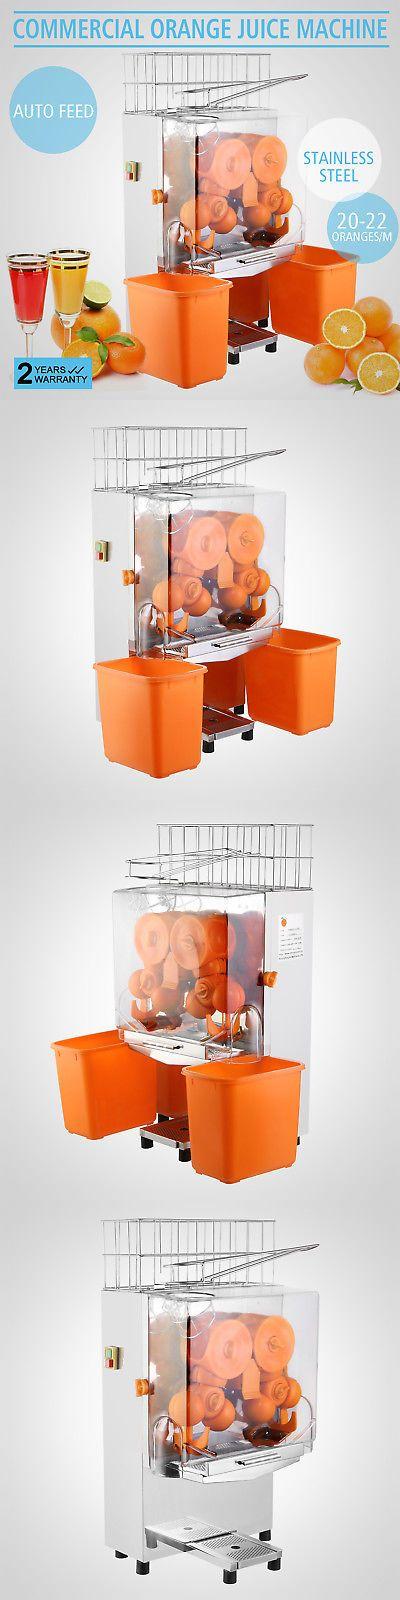 Small Kitchen Appliances: Electric Commercial Orange Juicer Squeezer Juice Machine Citrus Lemon Press Shop -> BUY IT NOW ONLY: $583.2 on eBay!